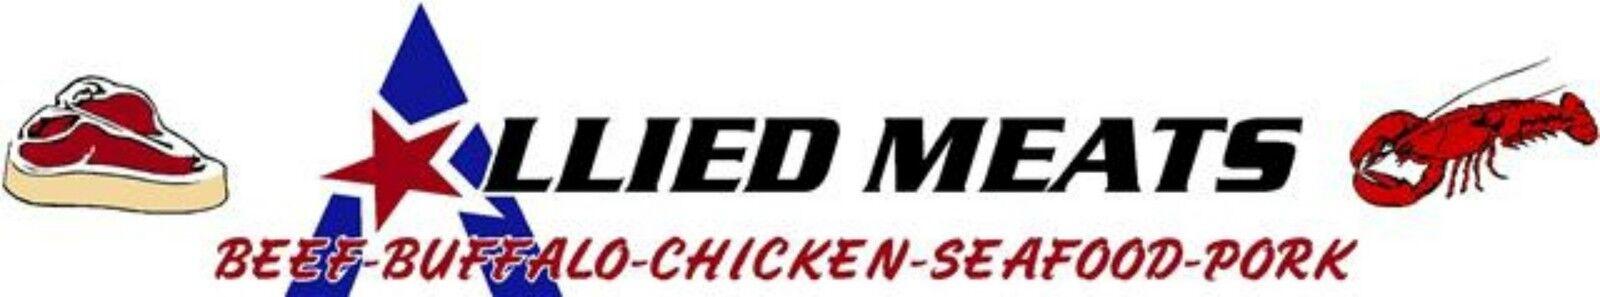 Allied Meats